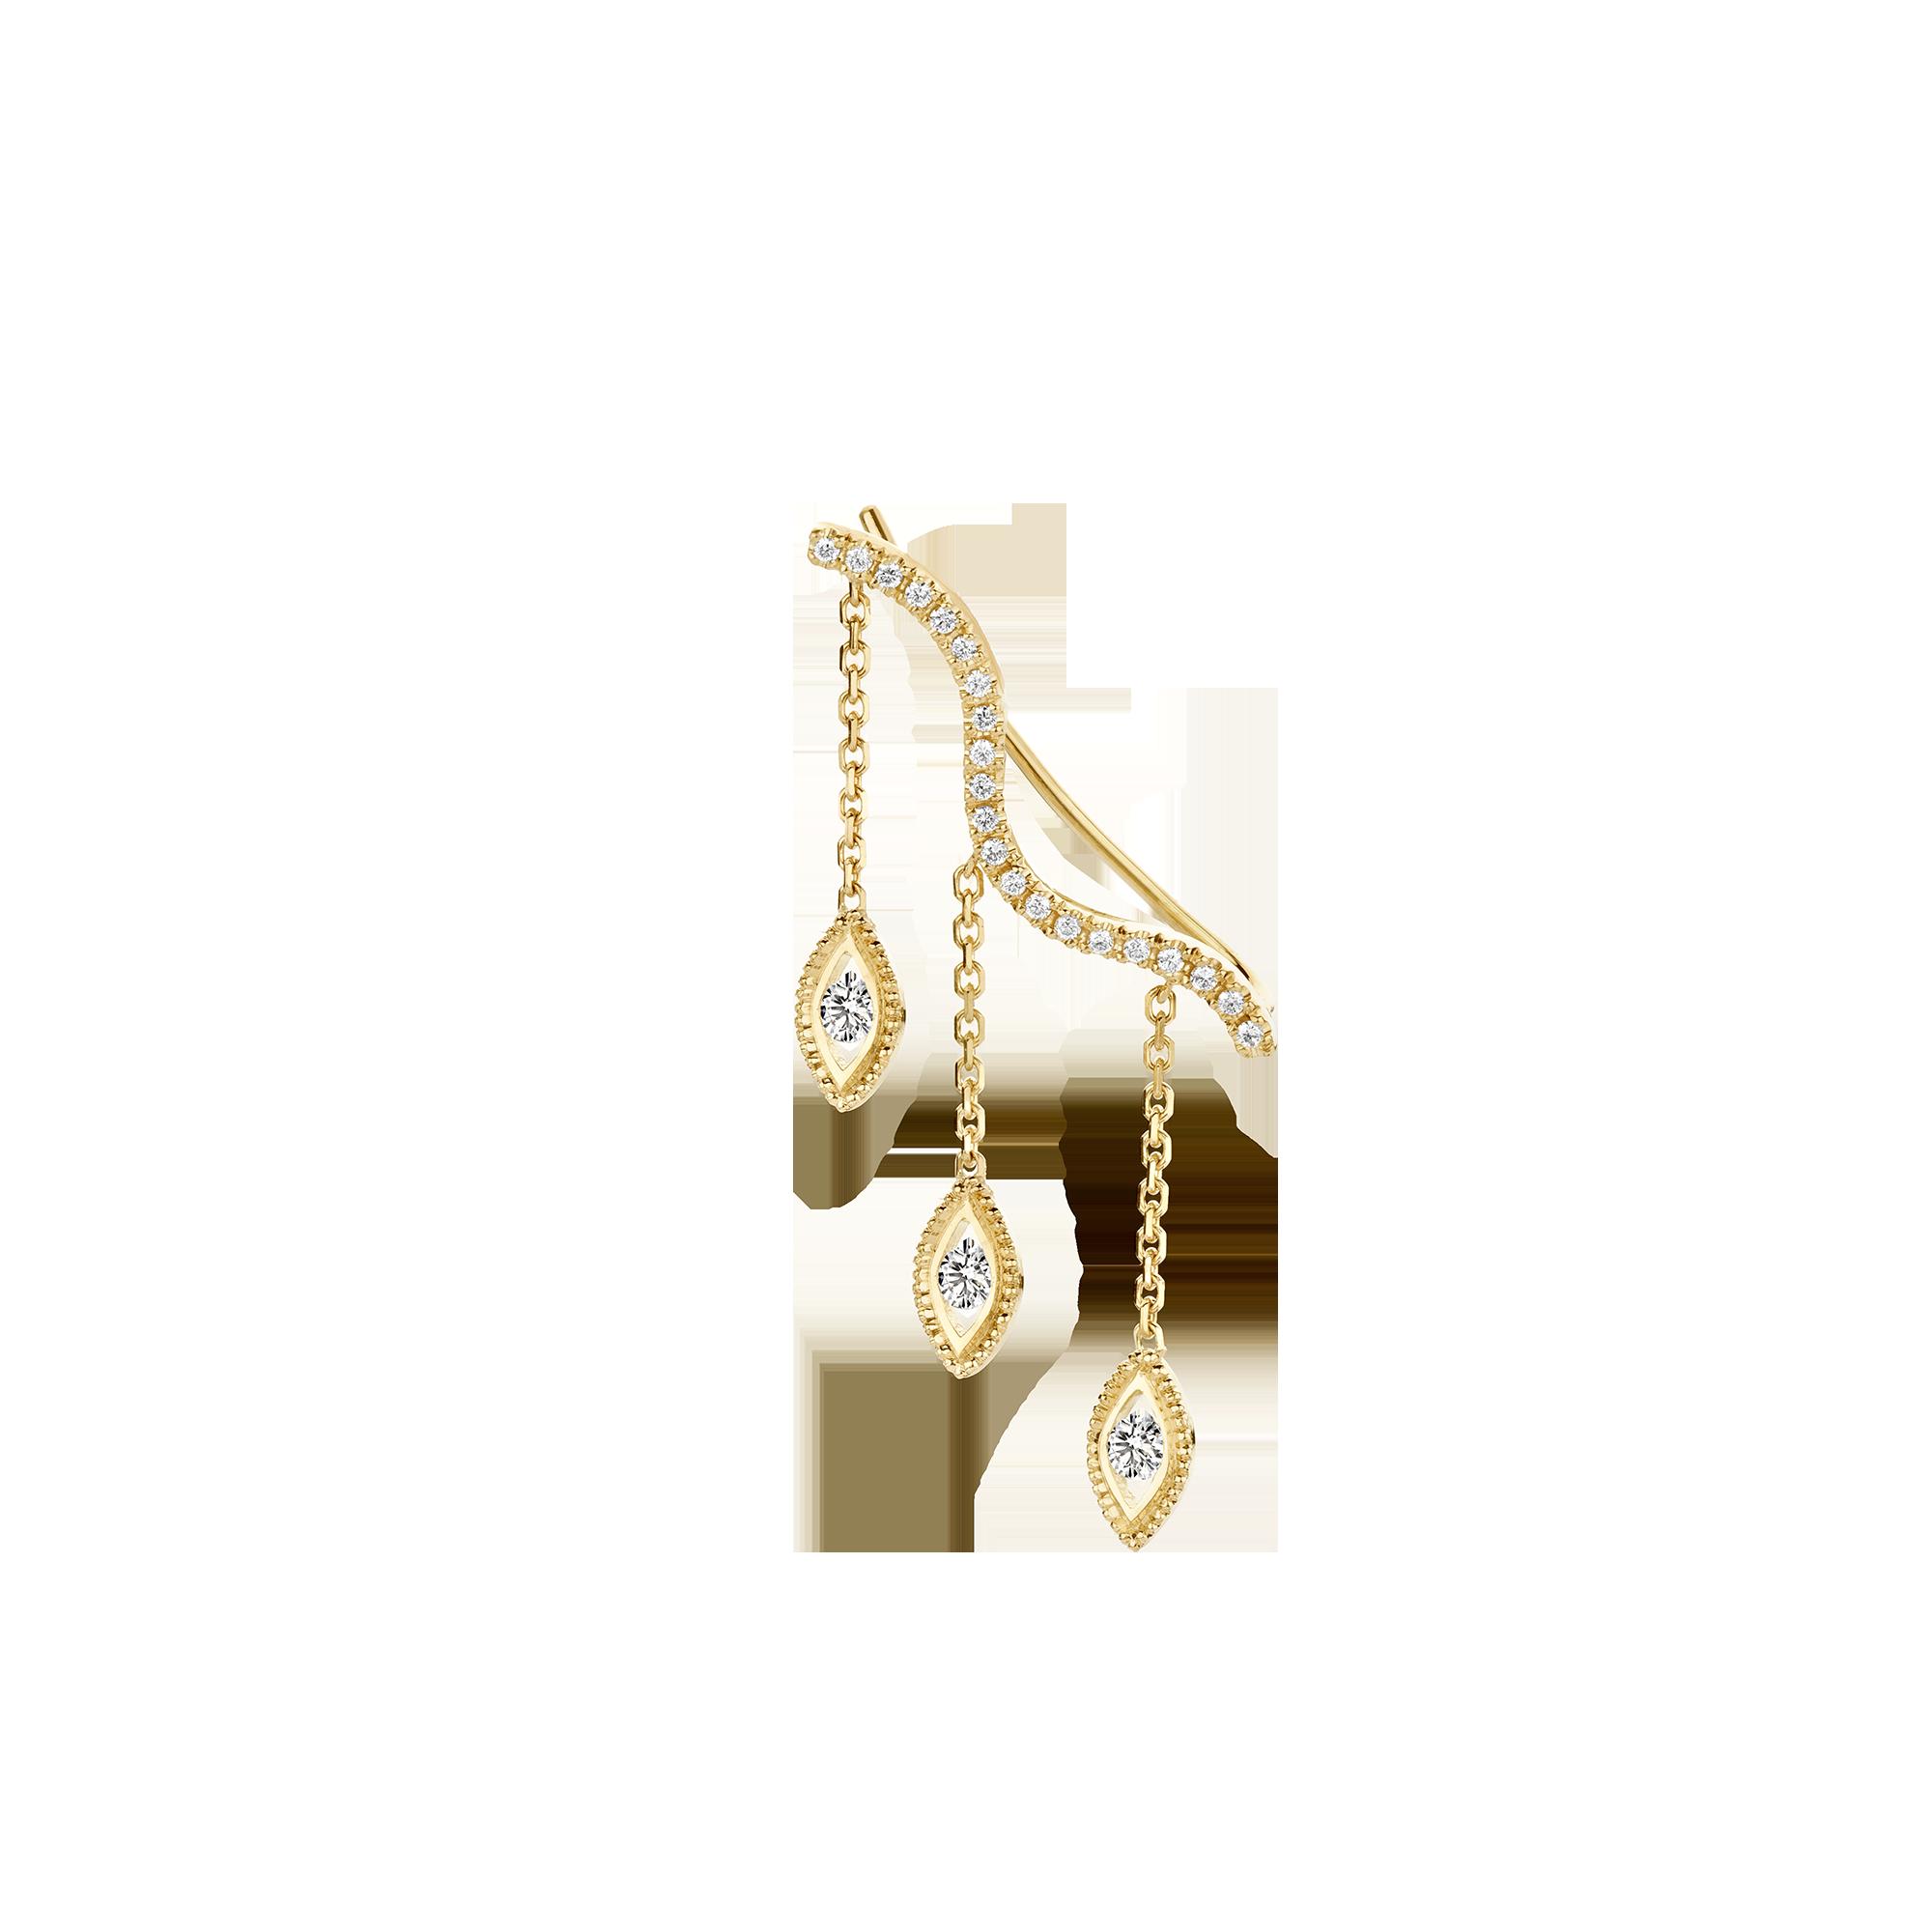 five-lab-grown-diamond-brands-to-know-kimai-jewellery